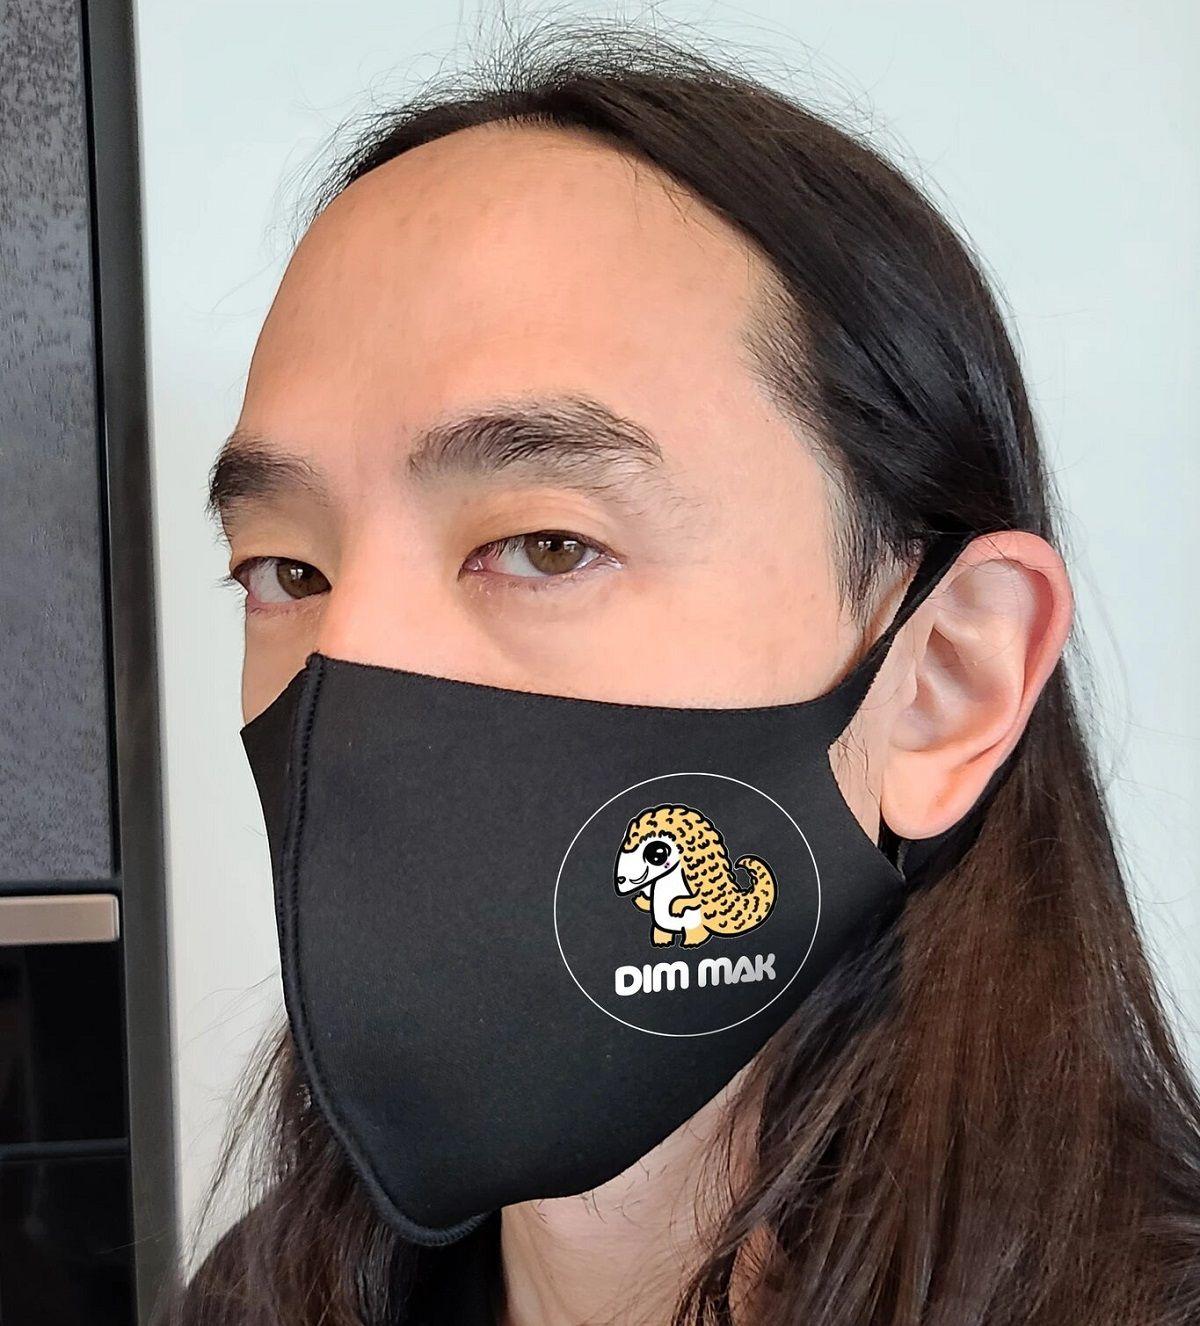 steve aoki masque dim mak